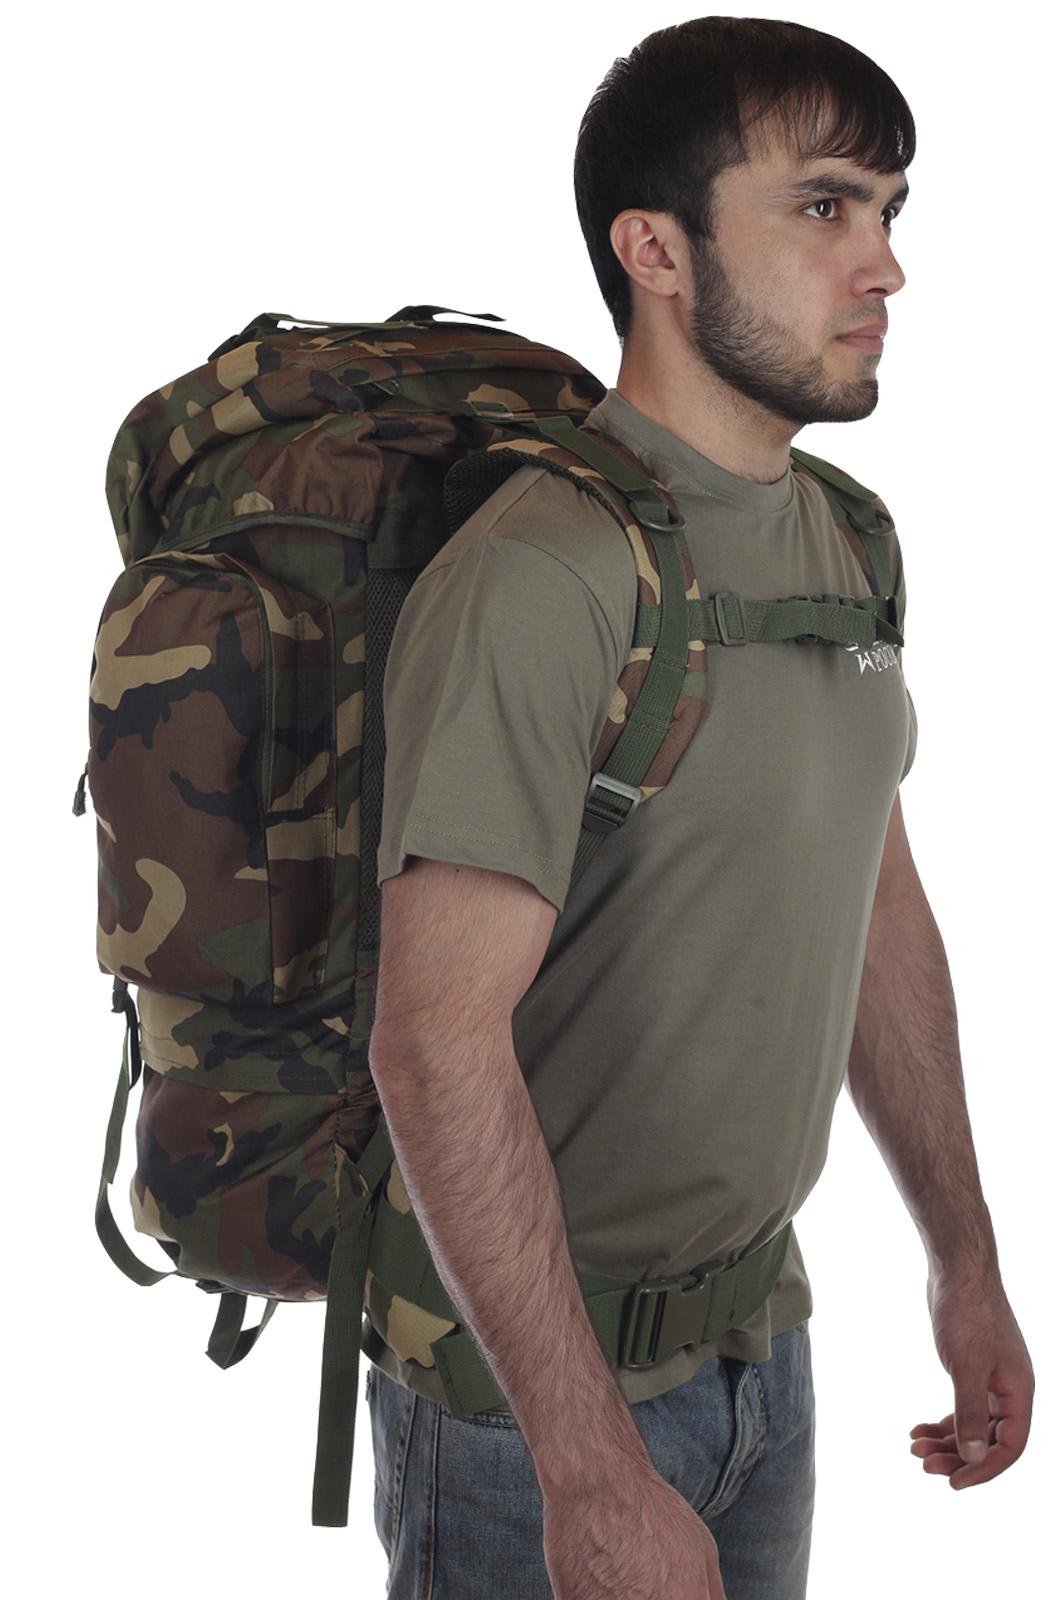 Большой камуфляжный рюкзак с нашивкой Охотничьих войск купить выгодно